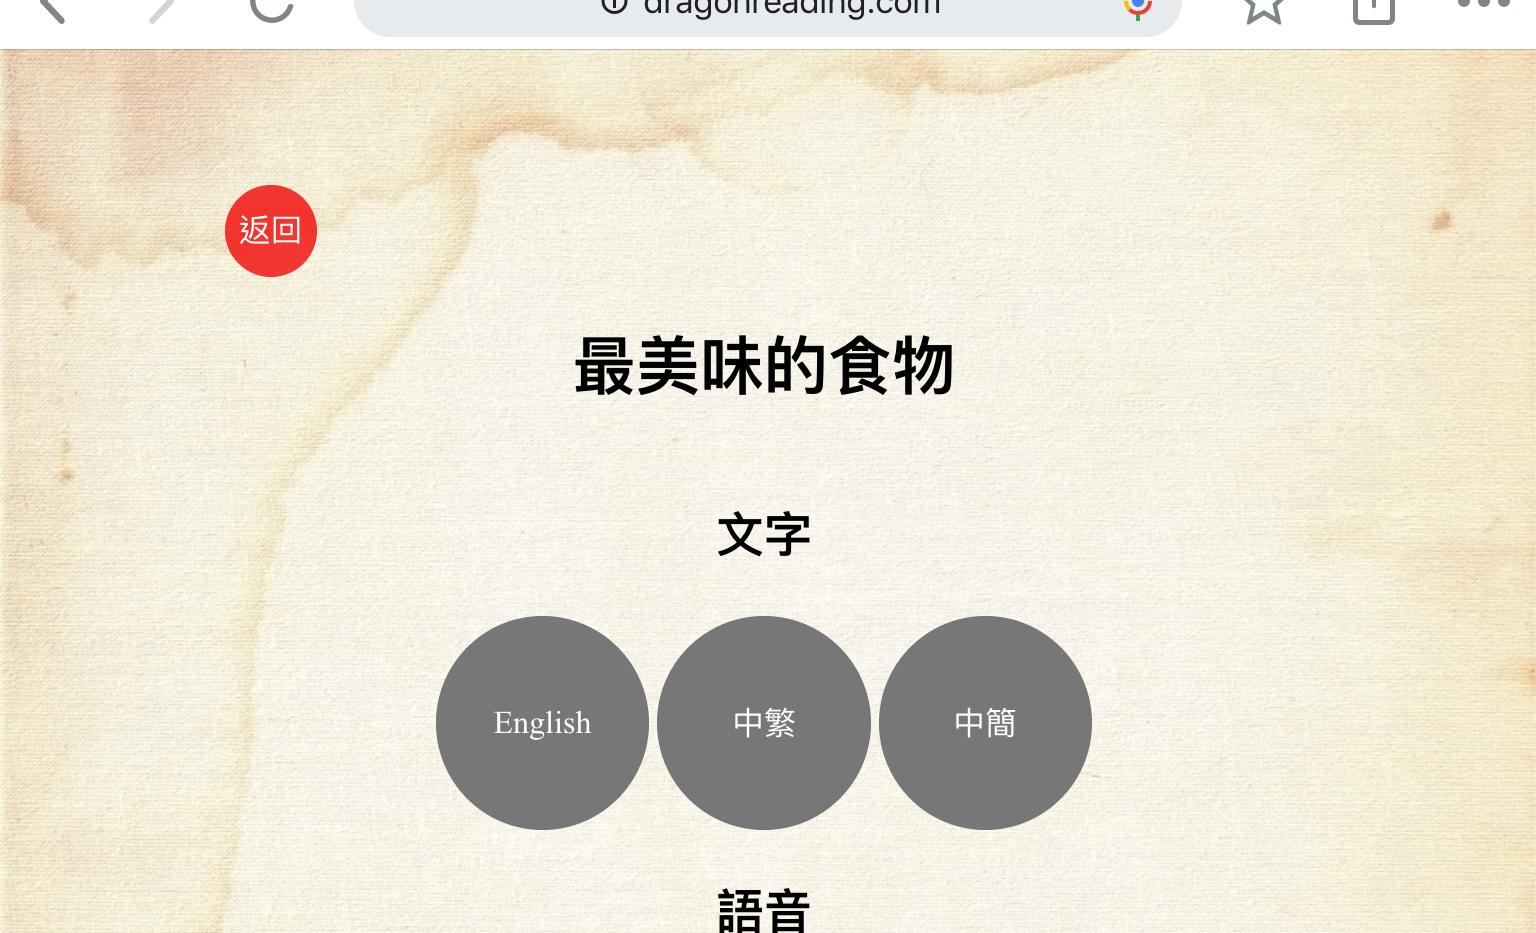 選擇語言、程度